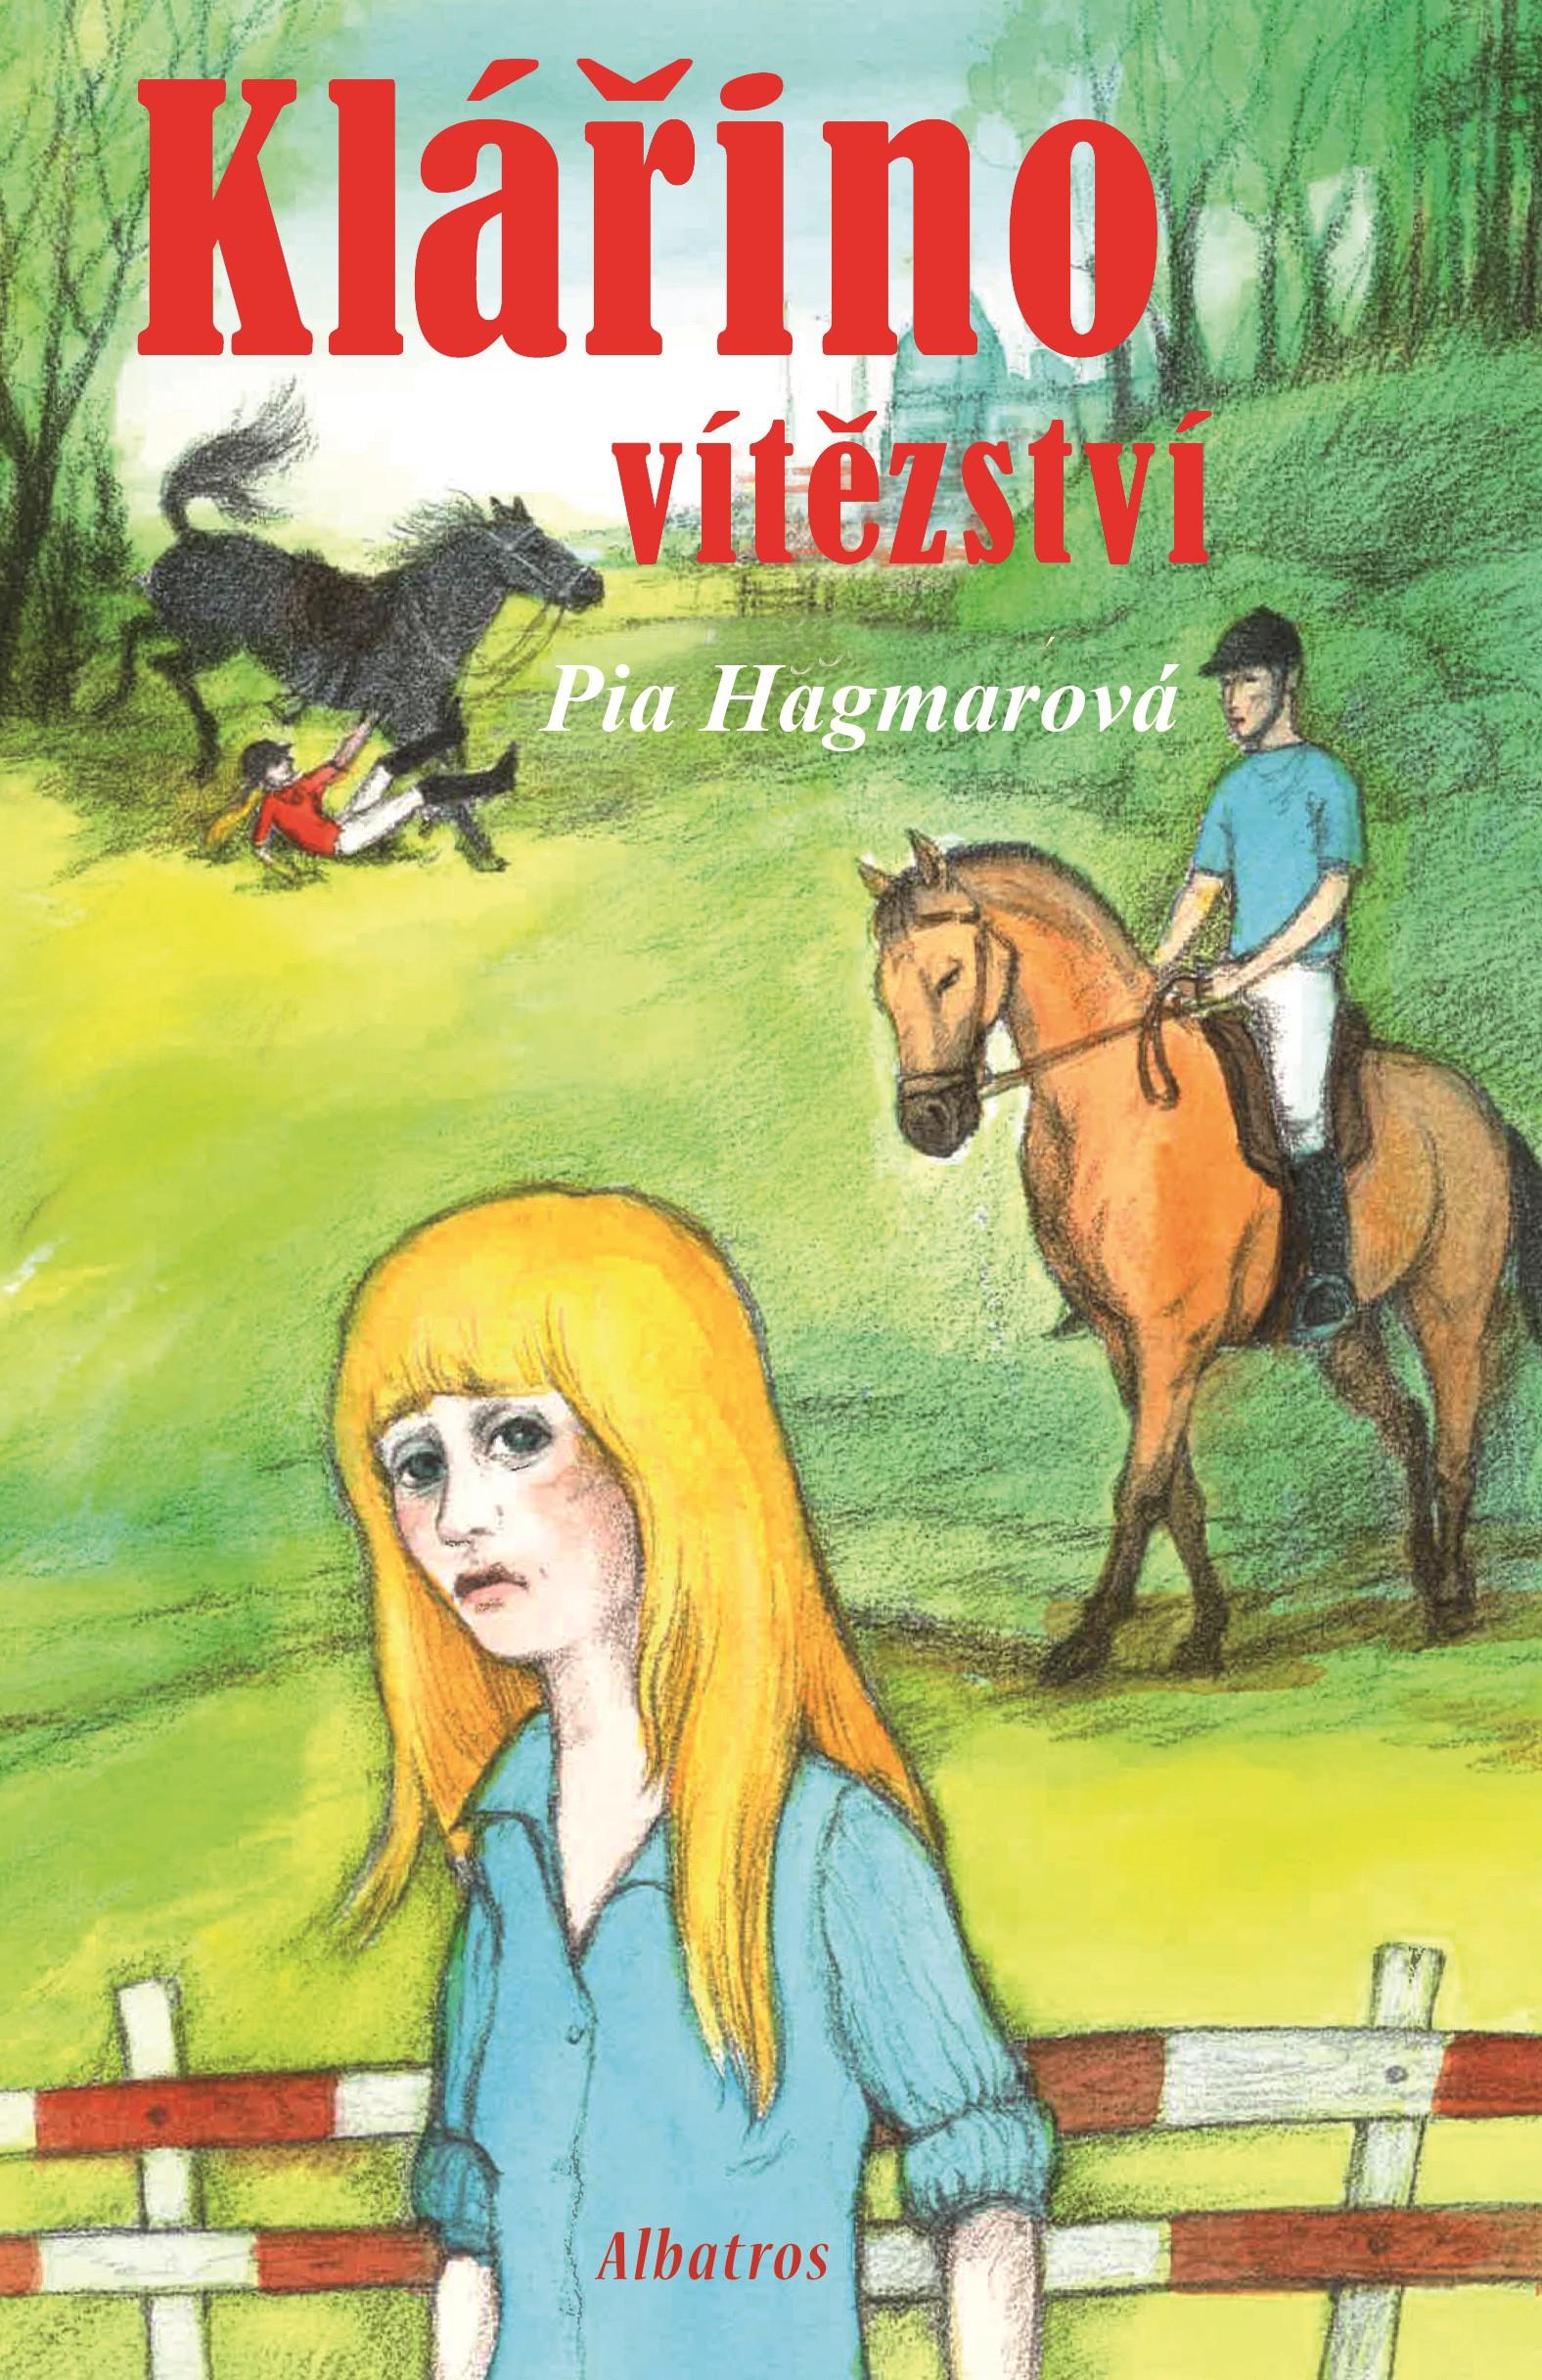 Klářino vítězství | Pia Hagmarová